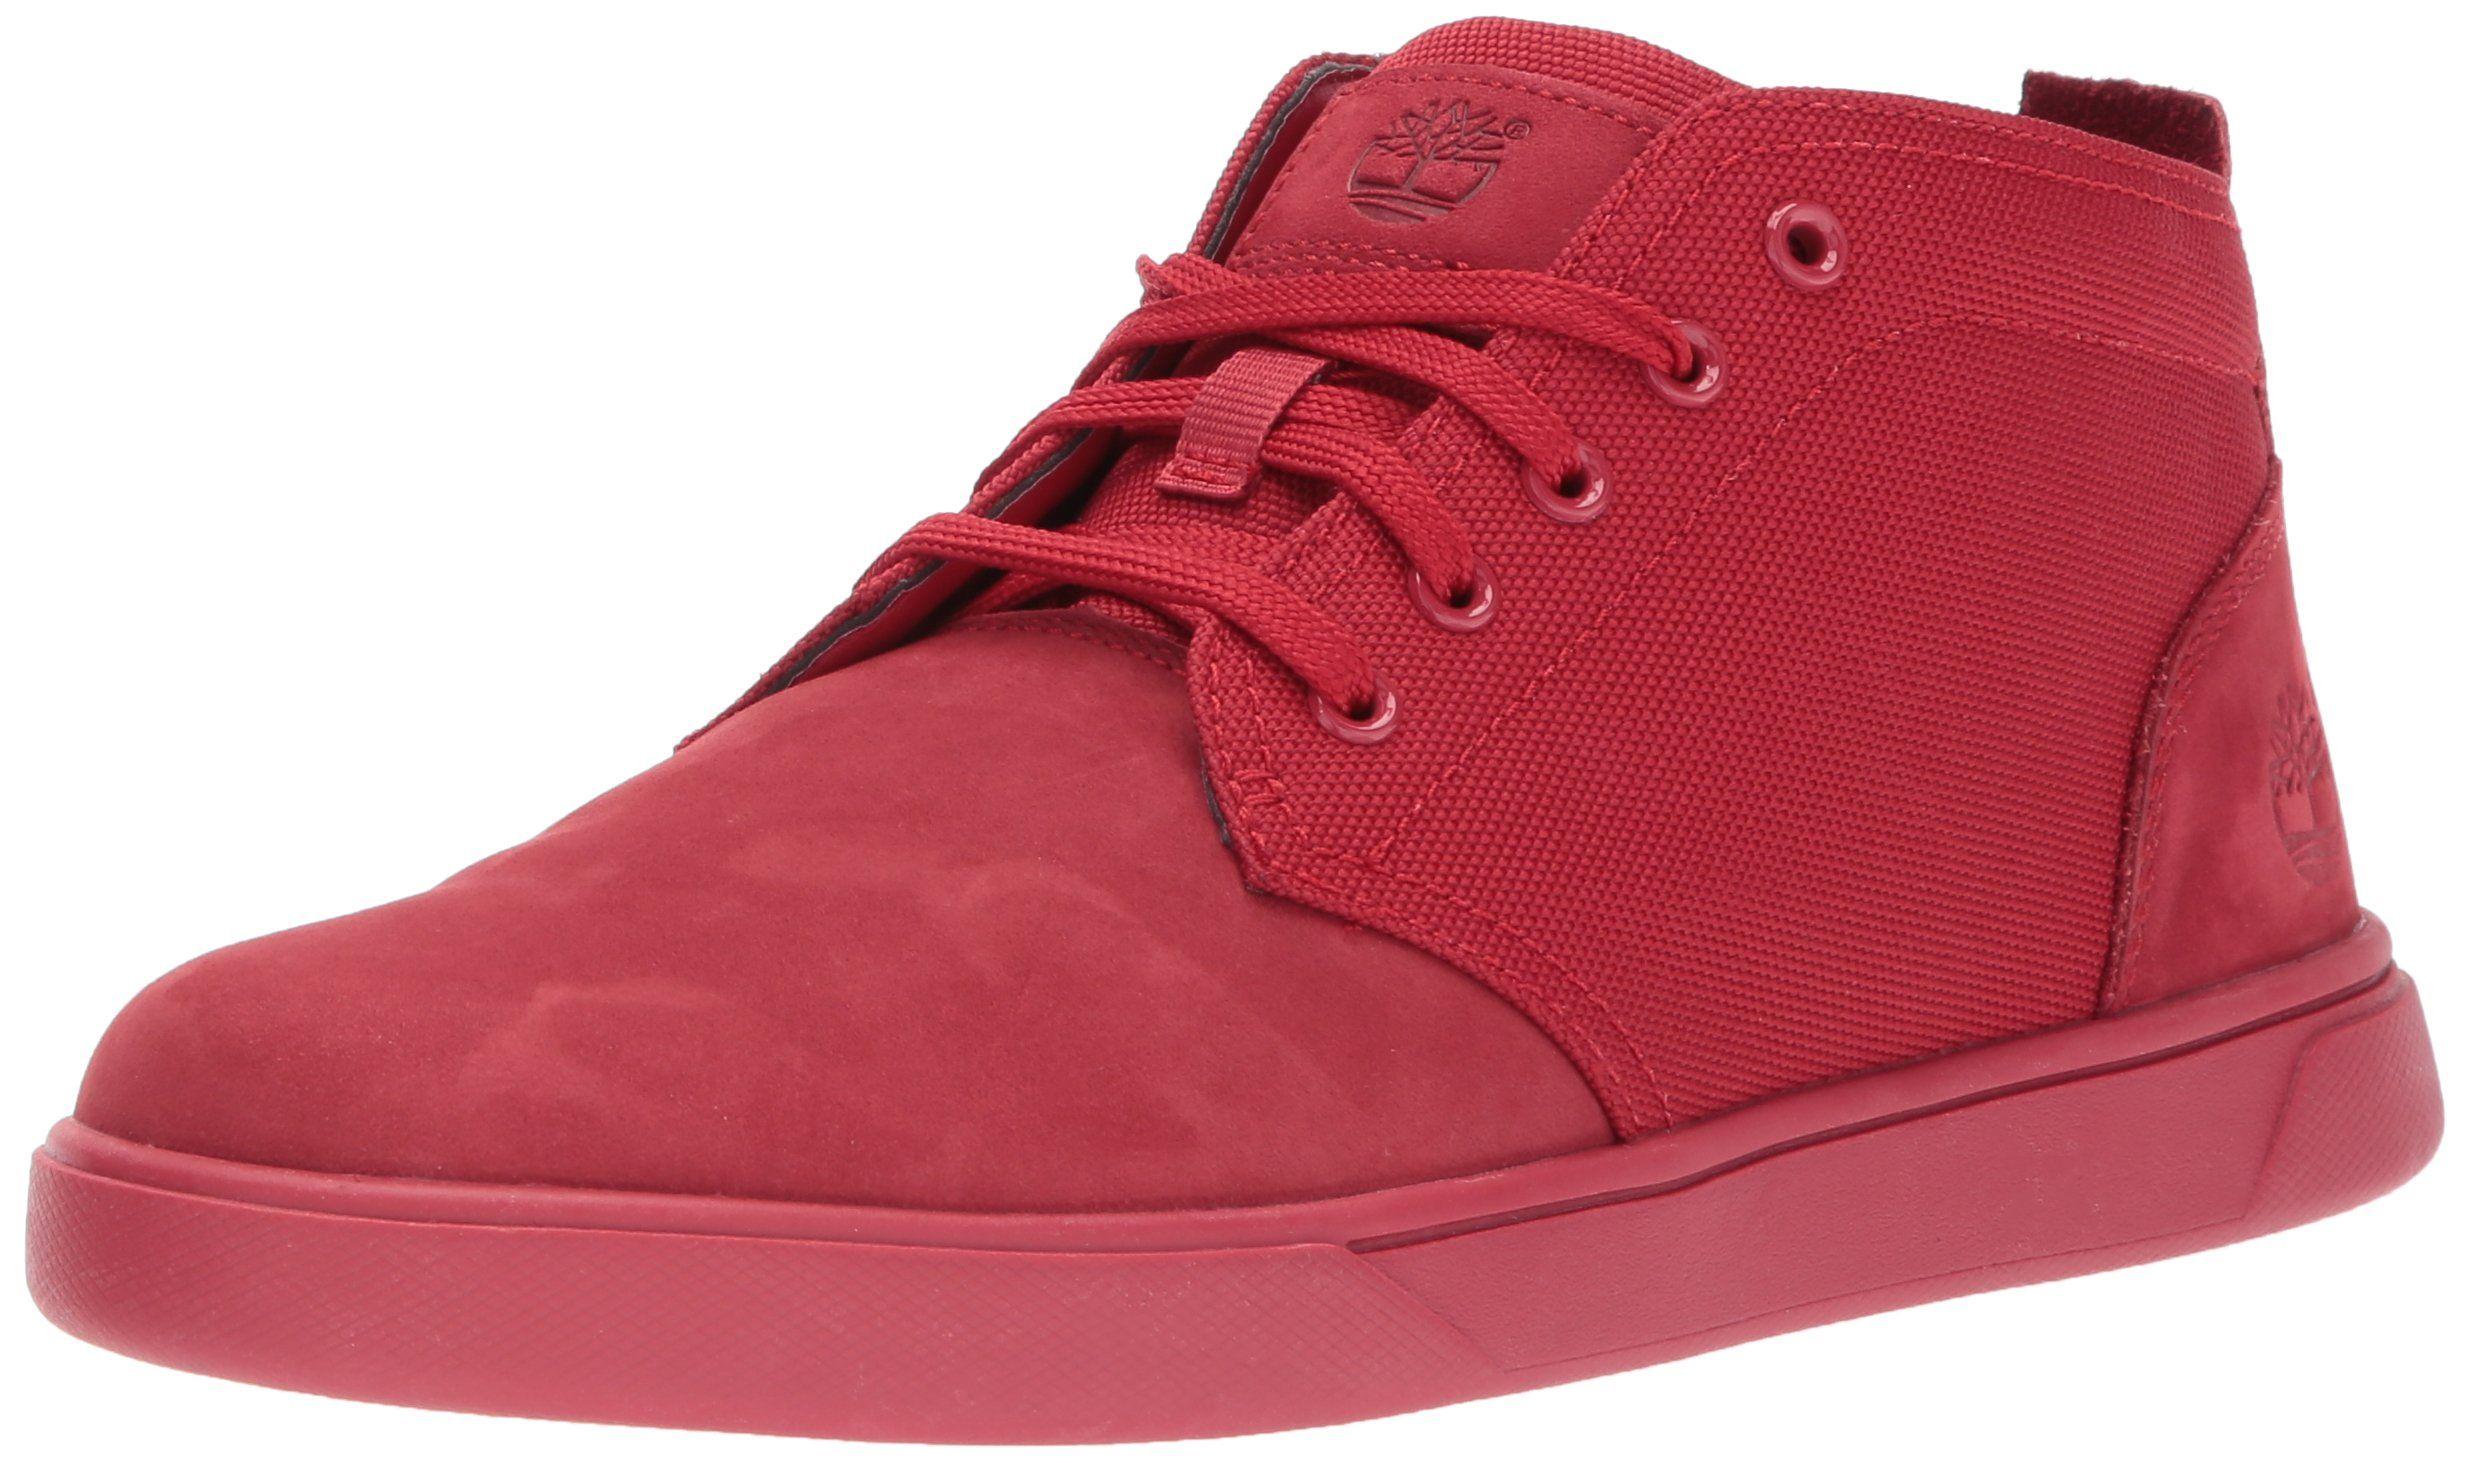 men's groveton ltt chukka leather & fabric sneaker